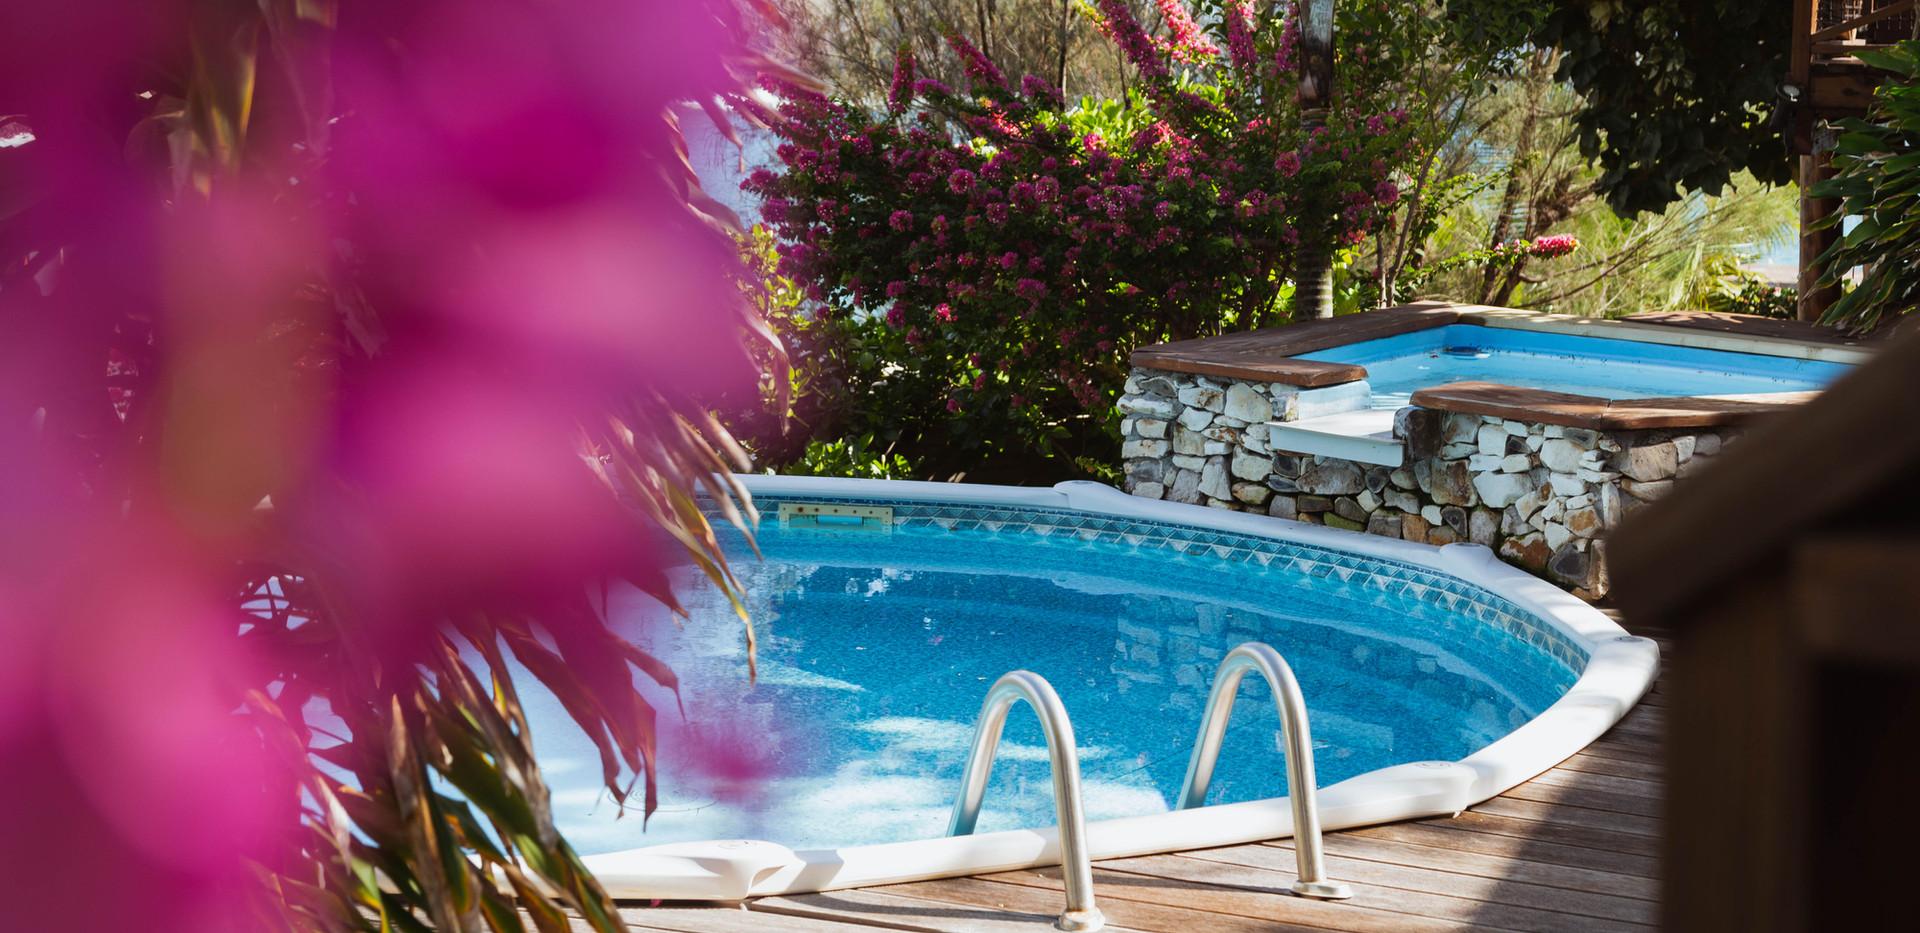 La piscine et Jacuzzi.jpg